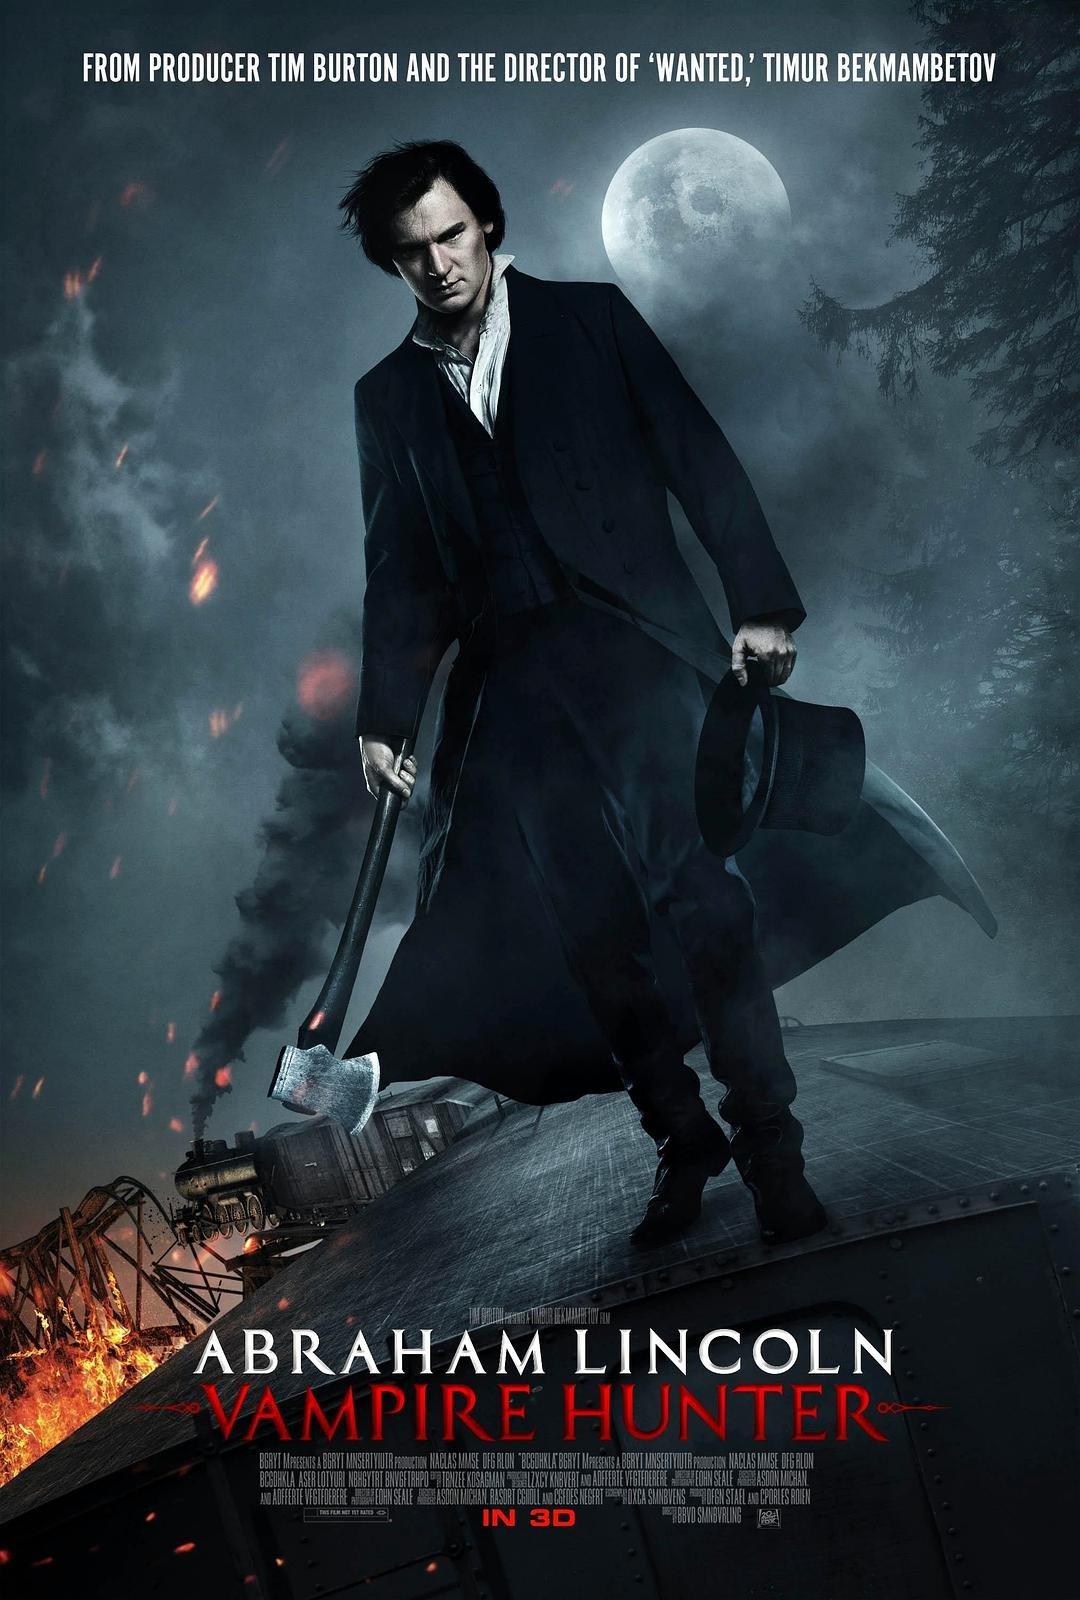 亚伯拉罕·林肯(吸血鬼猎人)